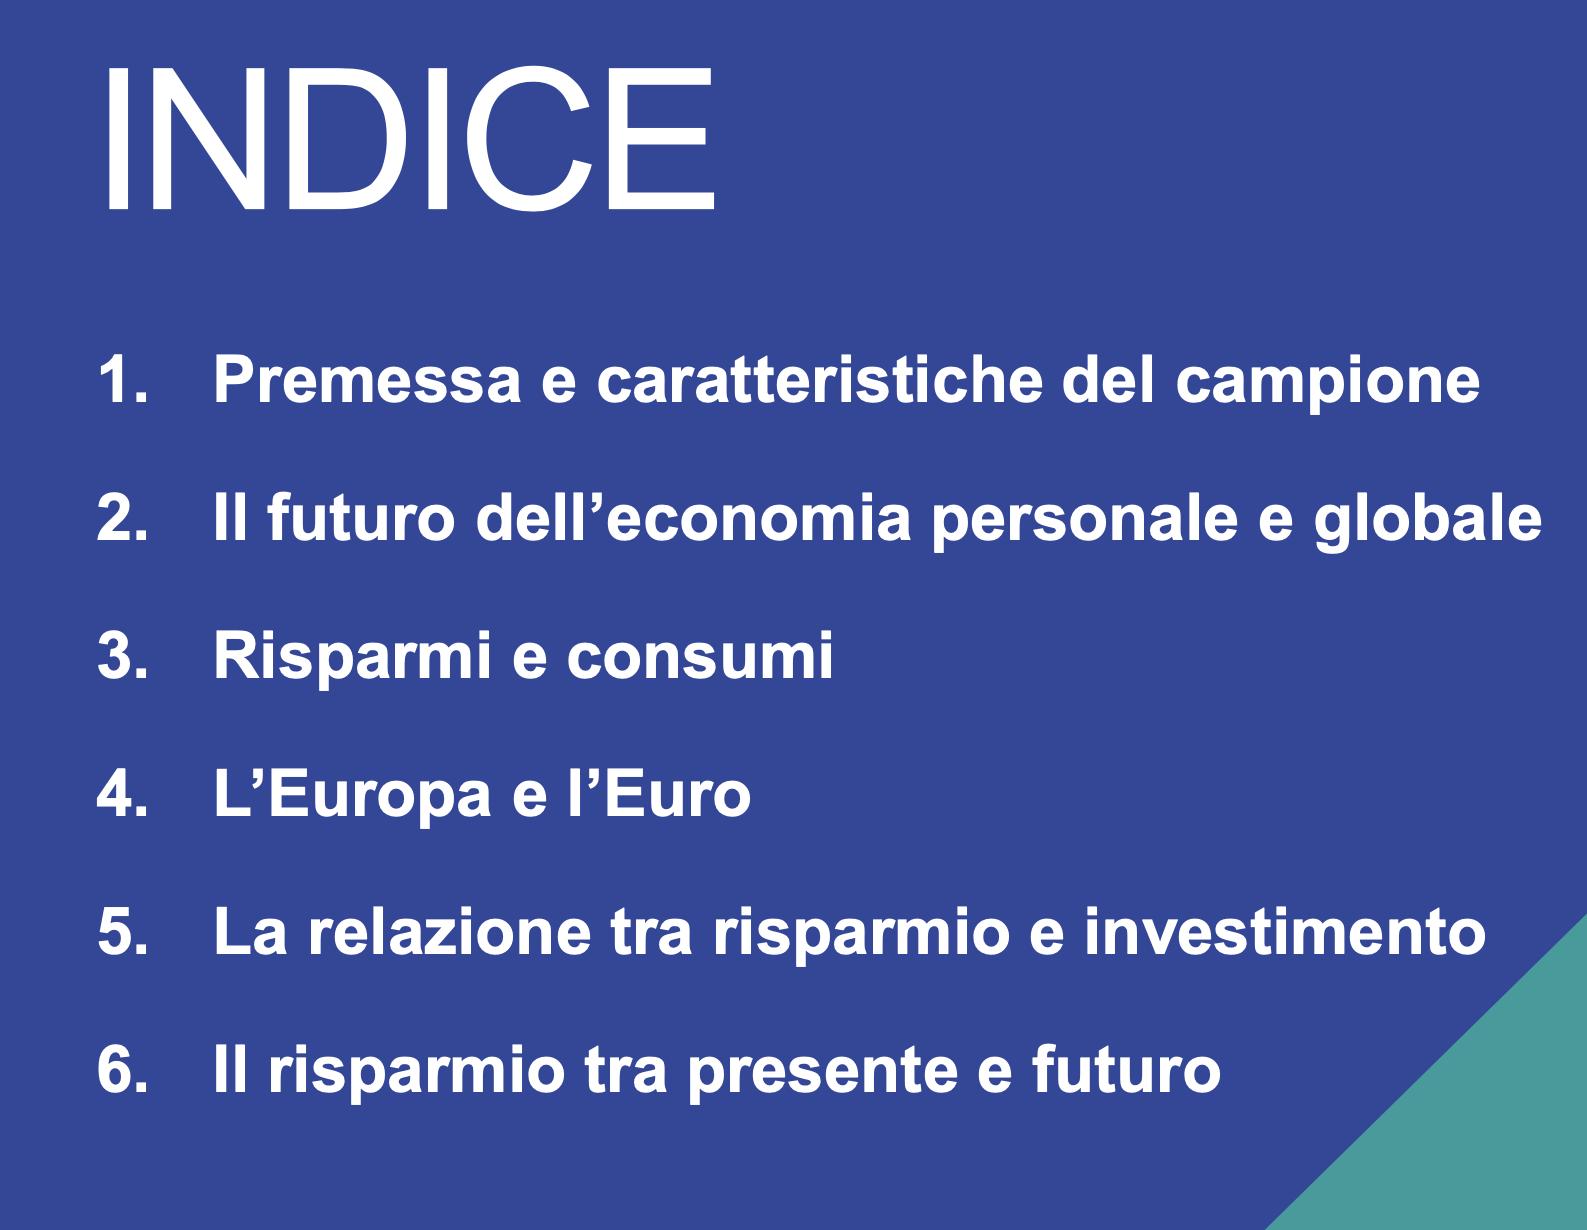 02 - Indice report